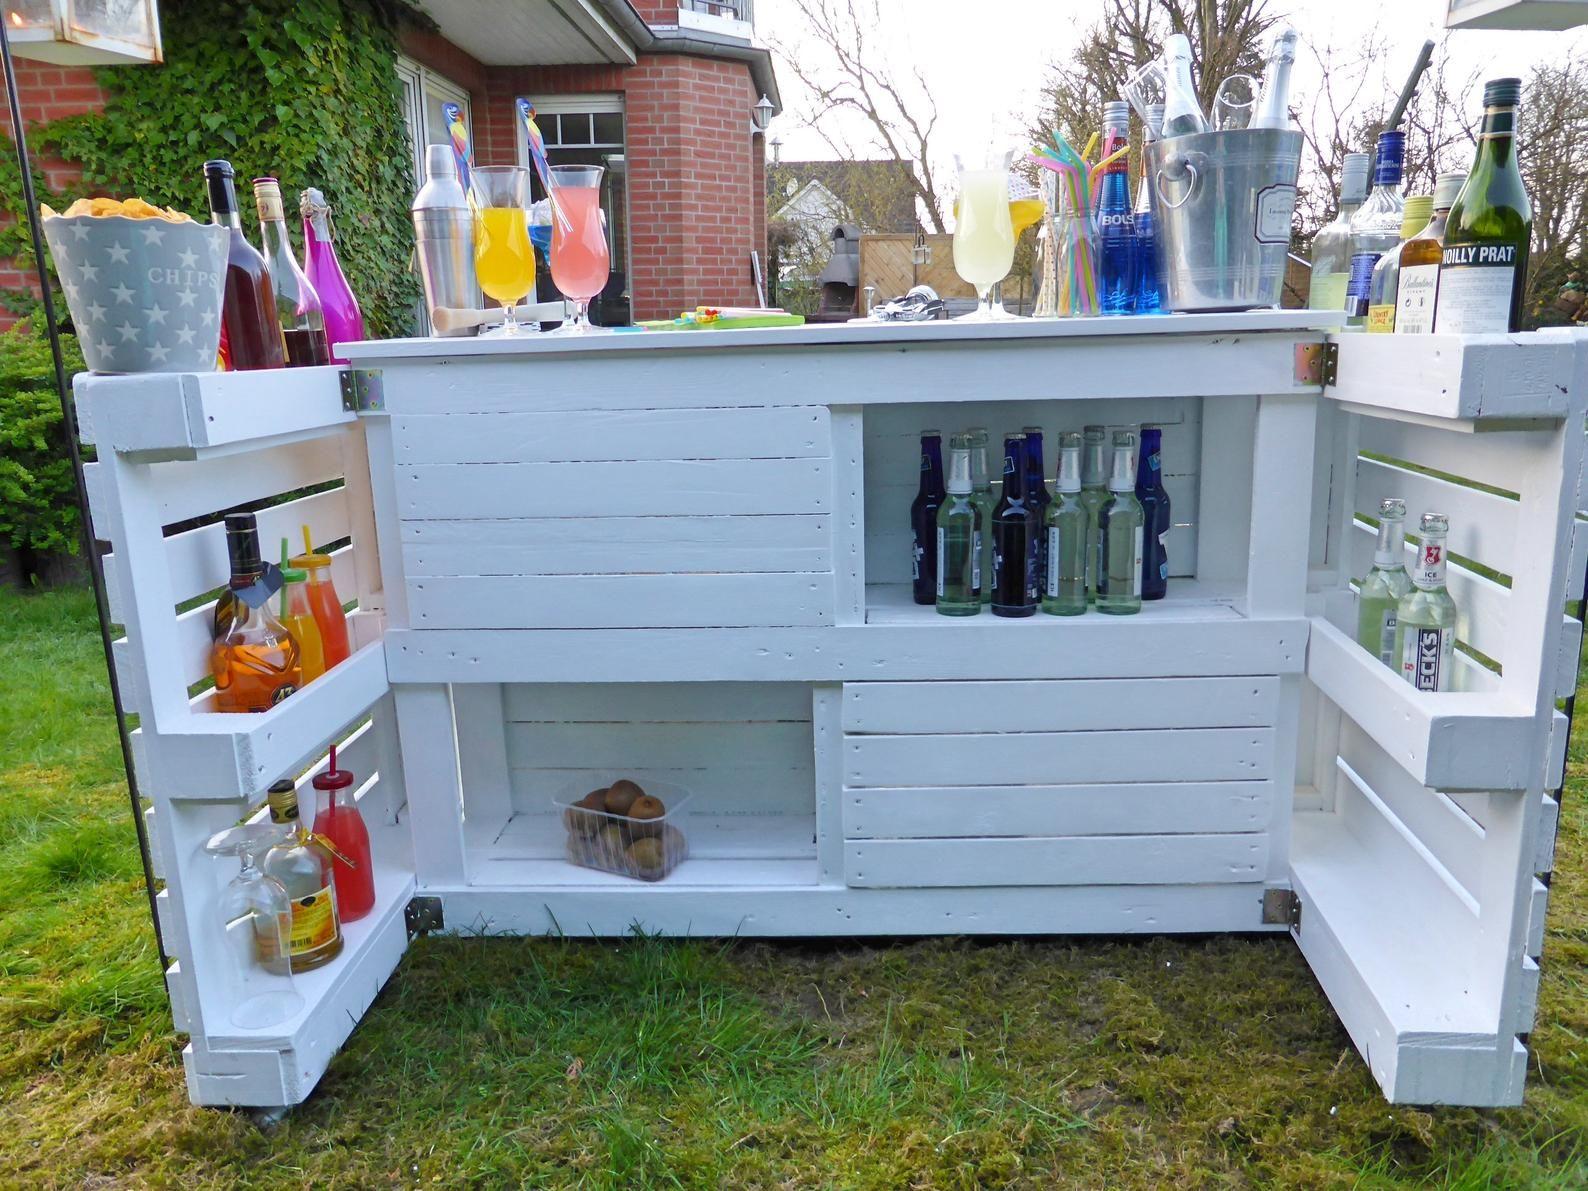 Palettenmobel Garden Bar Paletten Cocktail Bar In 2020 Garden Bar Backyard Bar Pallet Decor